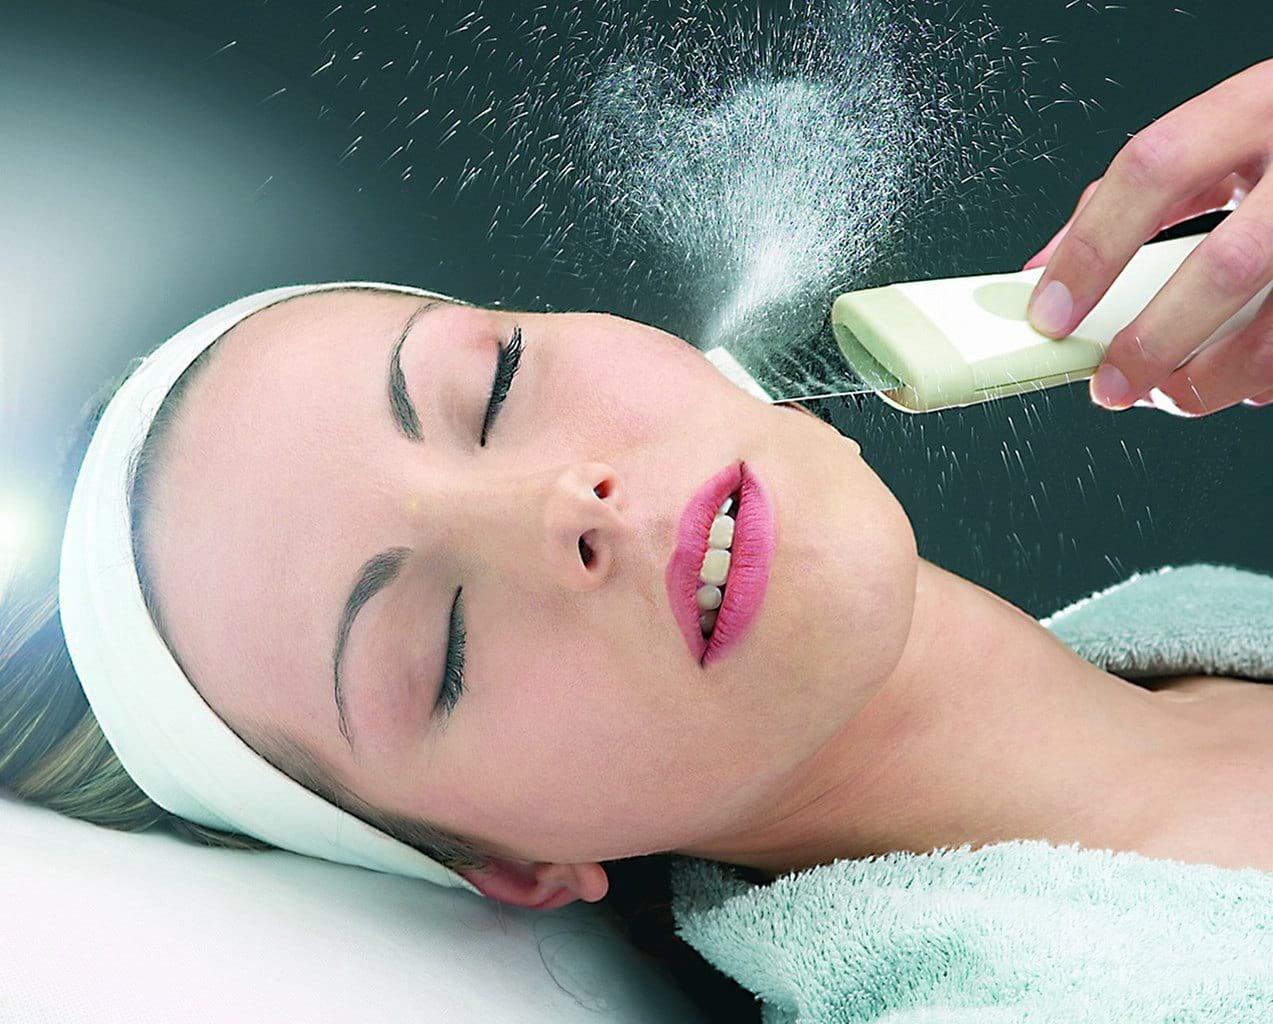 Аппаратная косметология: методы, преимущества, особенности